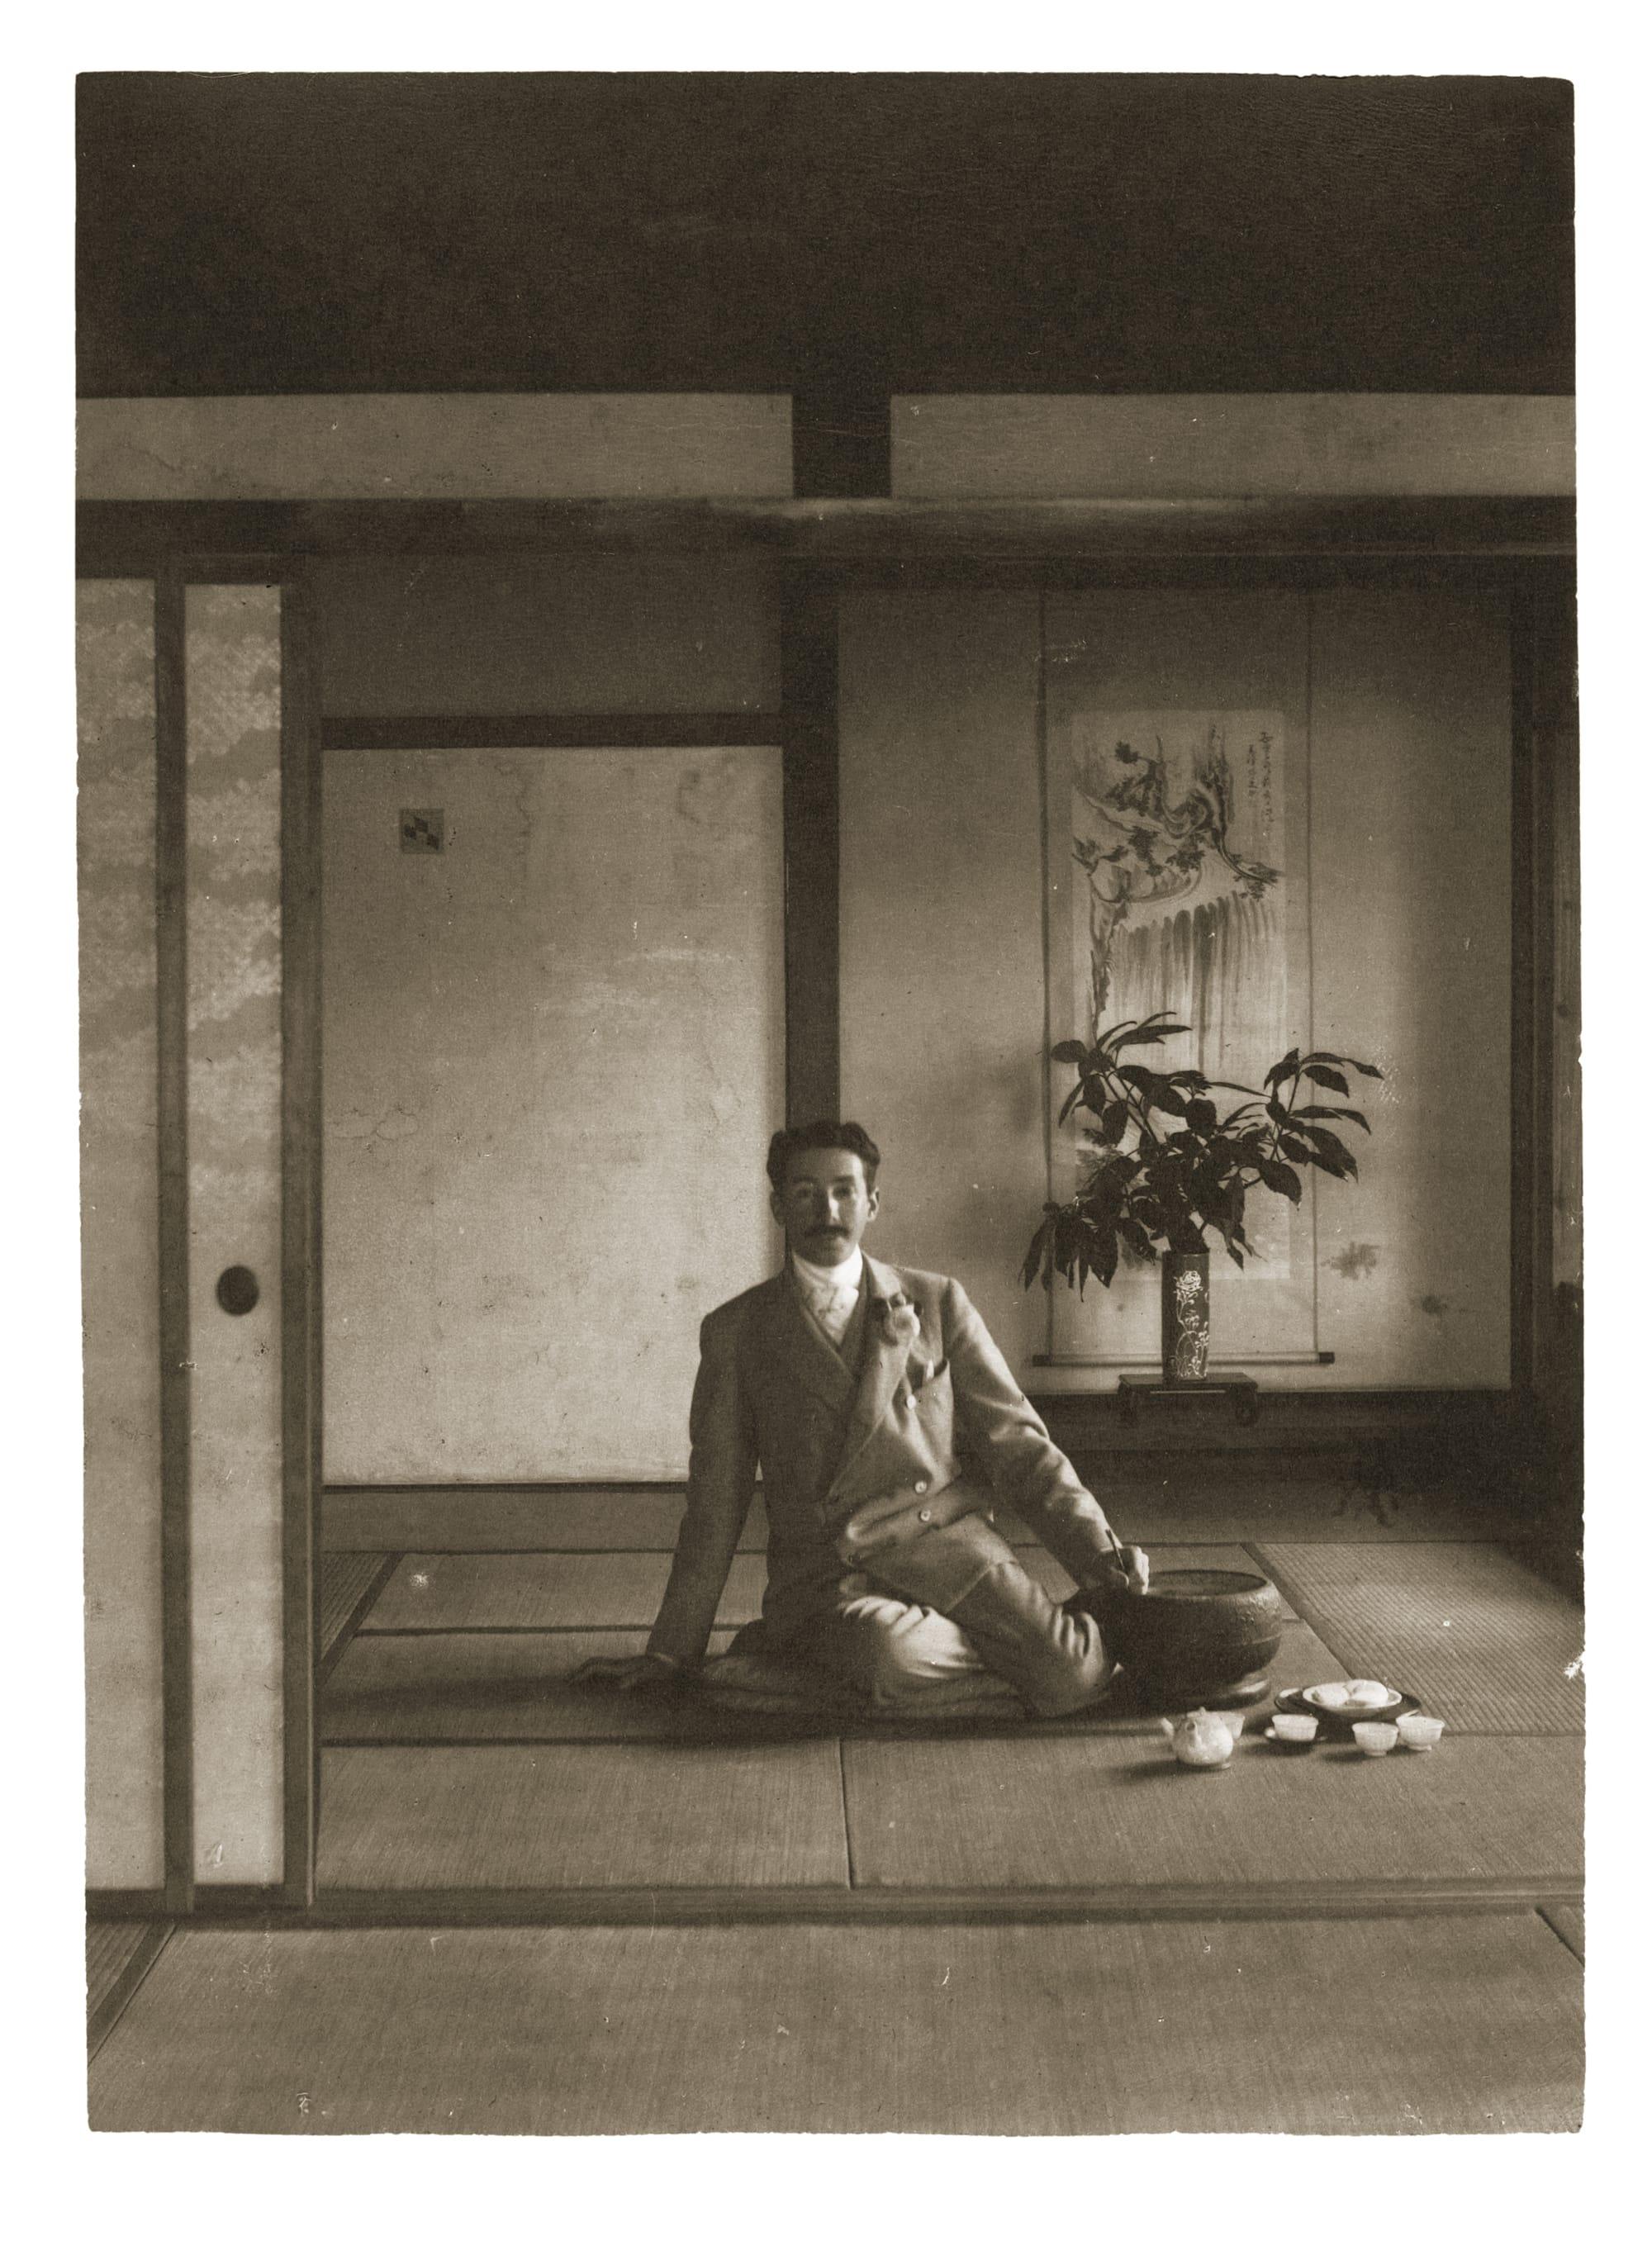 「ファッション・アイ ジャパン」は、1900年代初頭の日本の姿がアドルフ・ド・メイヤーの視点で切りとられている。